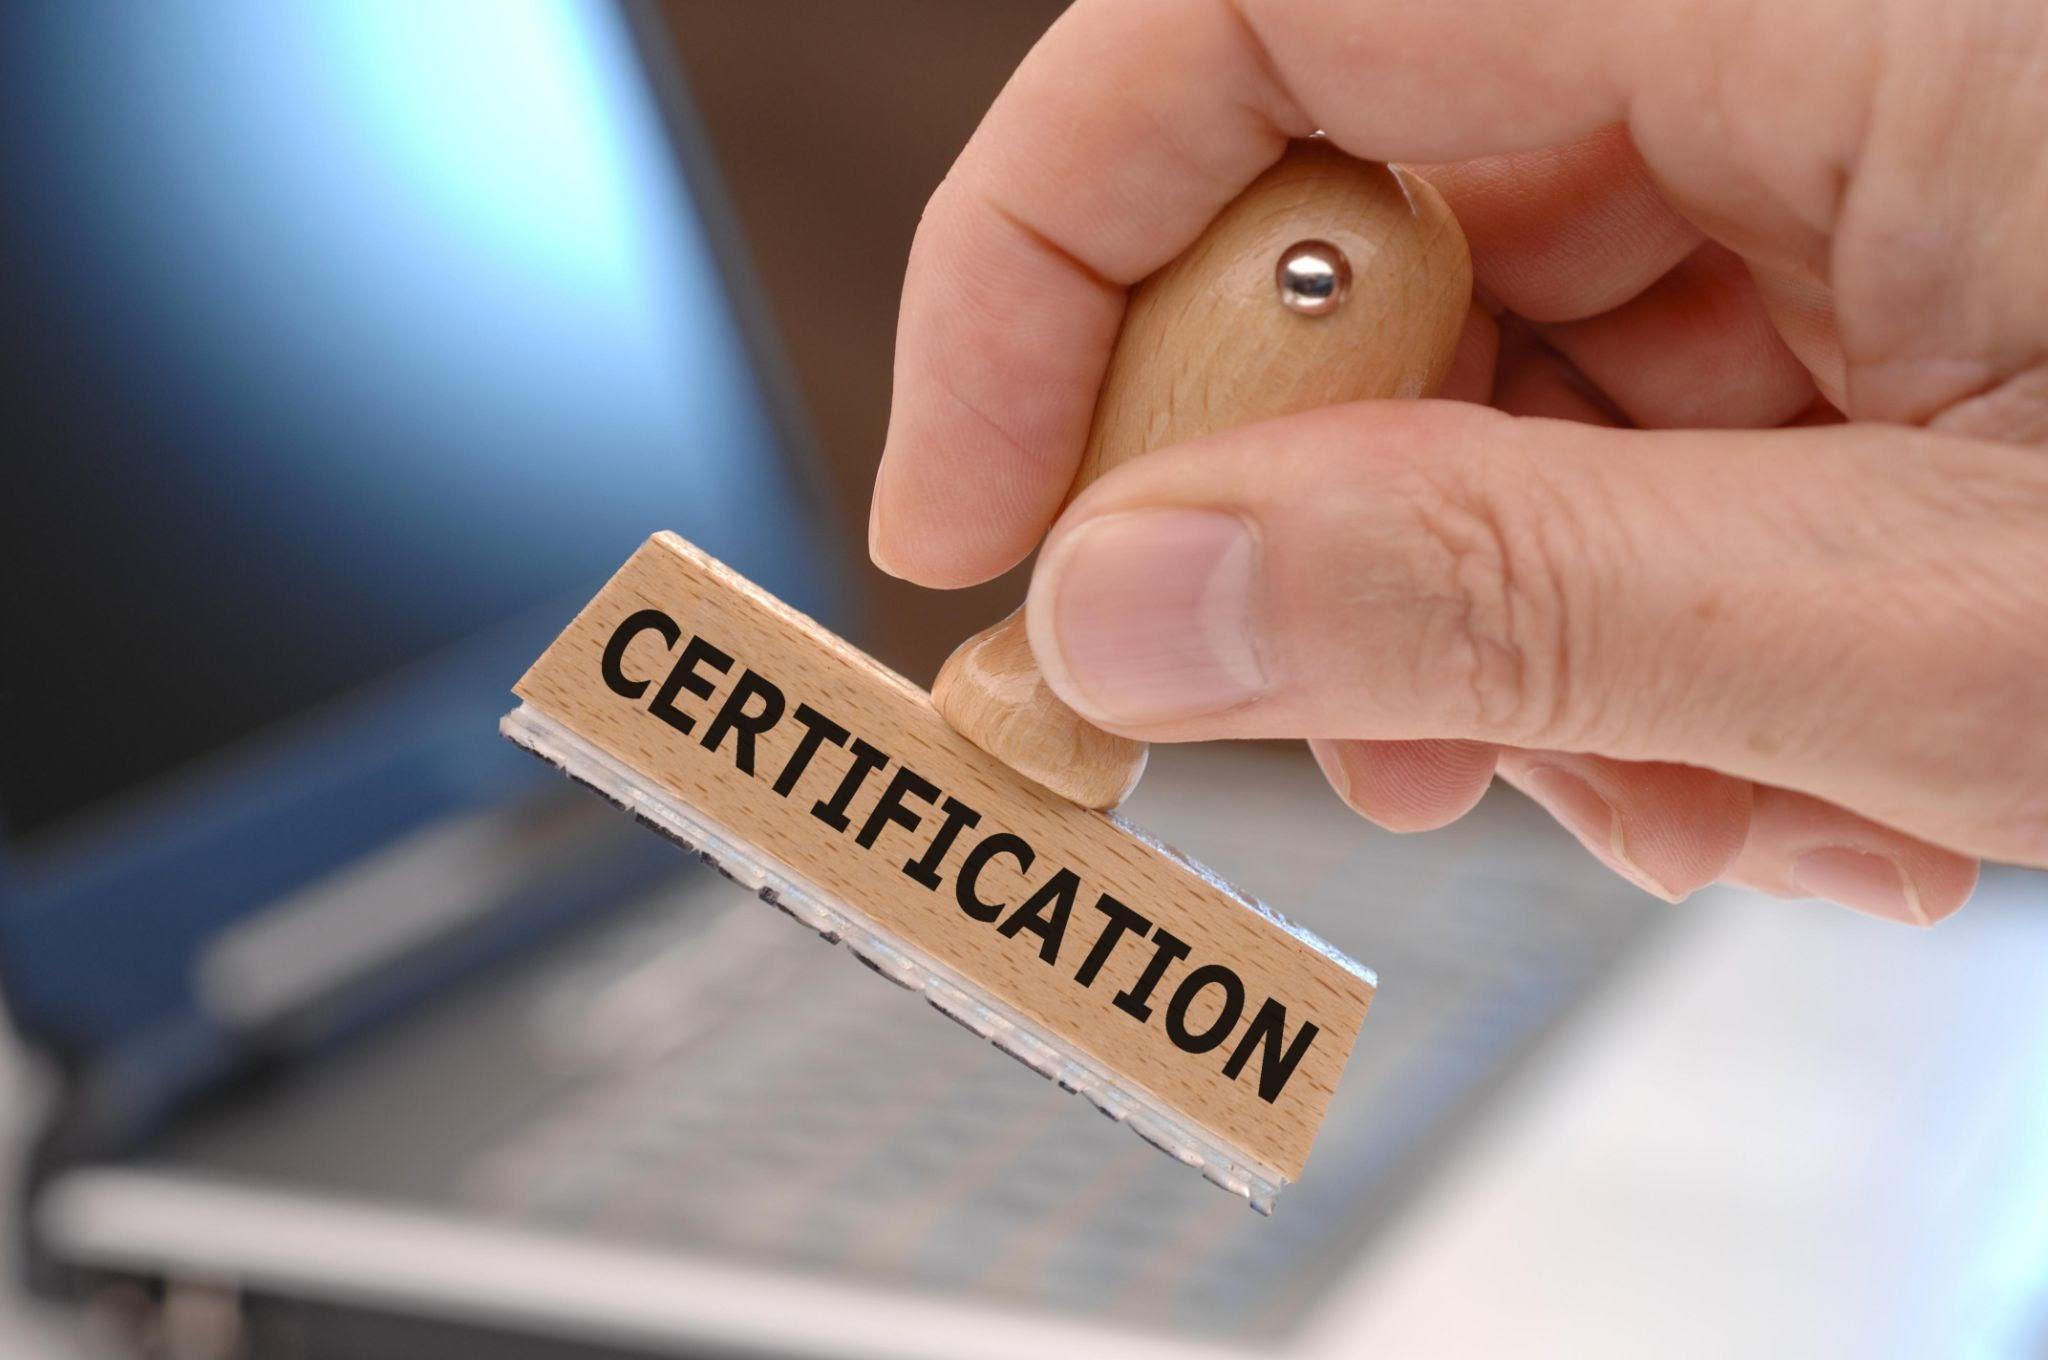 Сертификация автосервиса